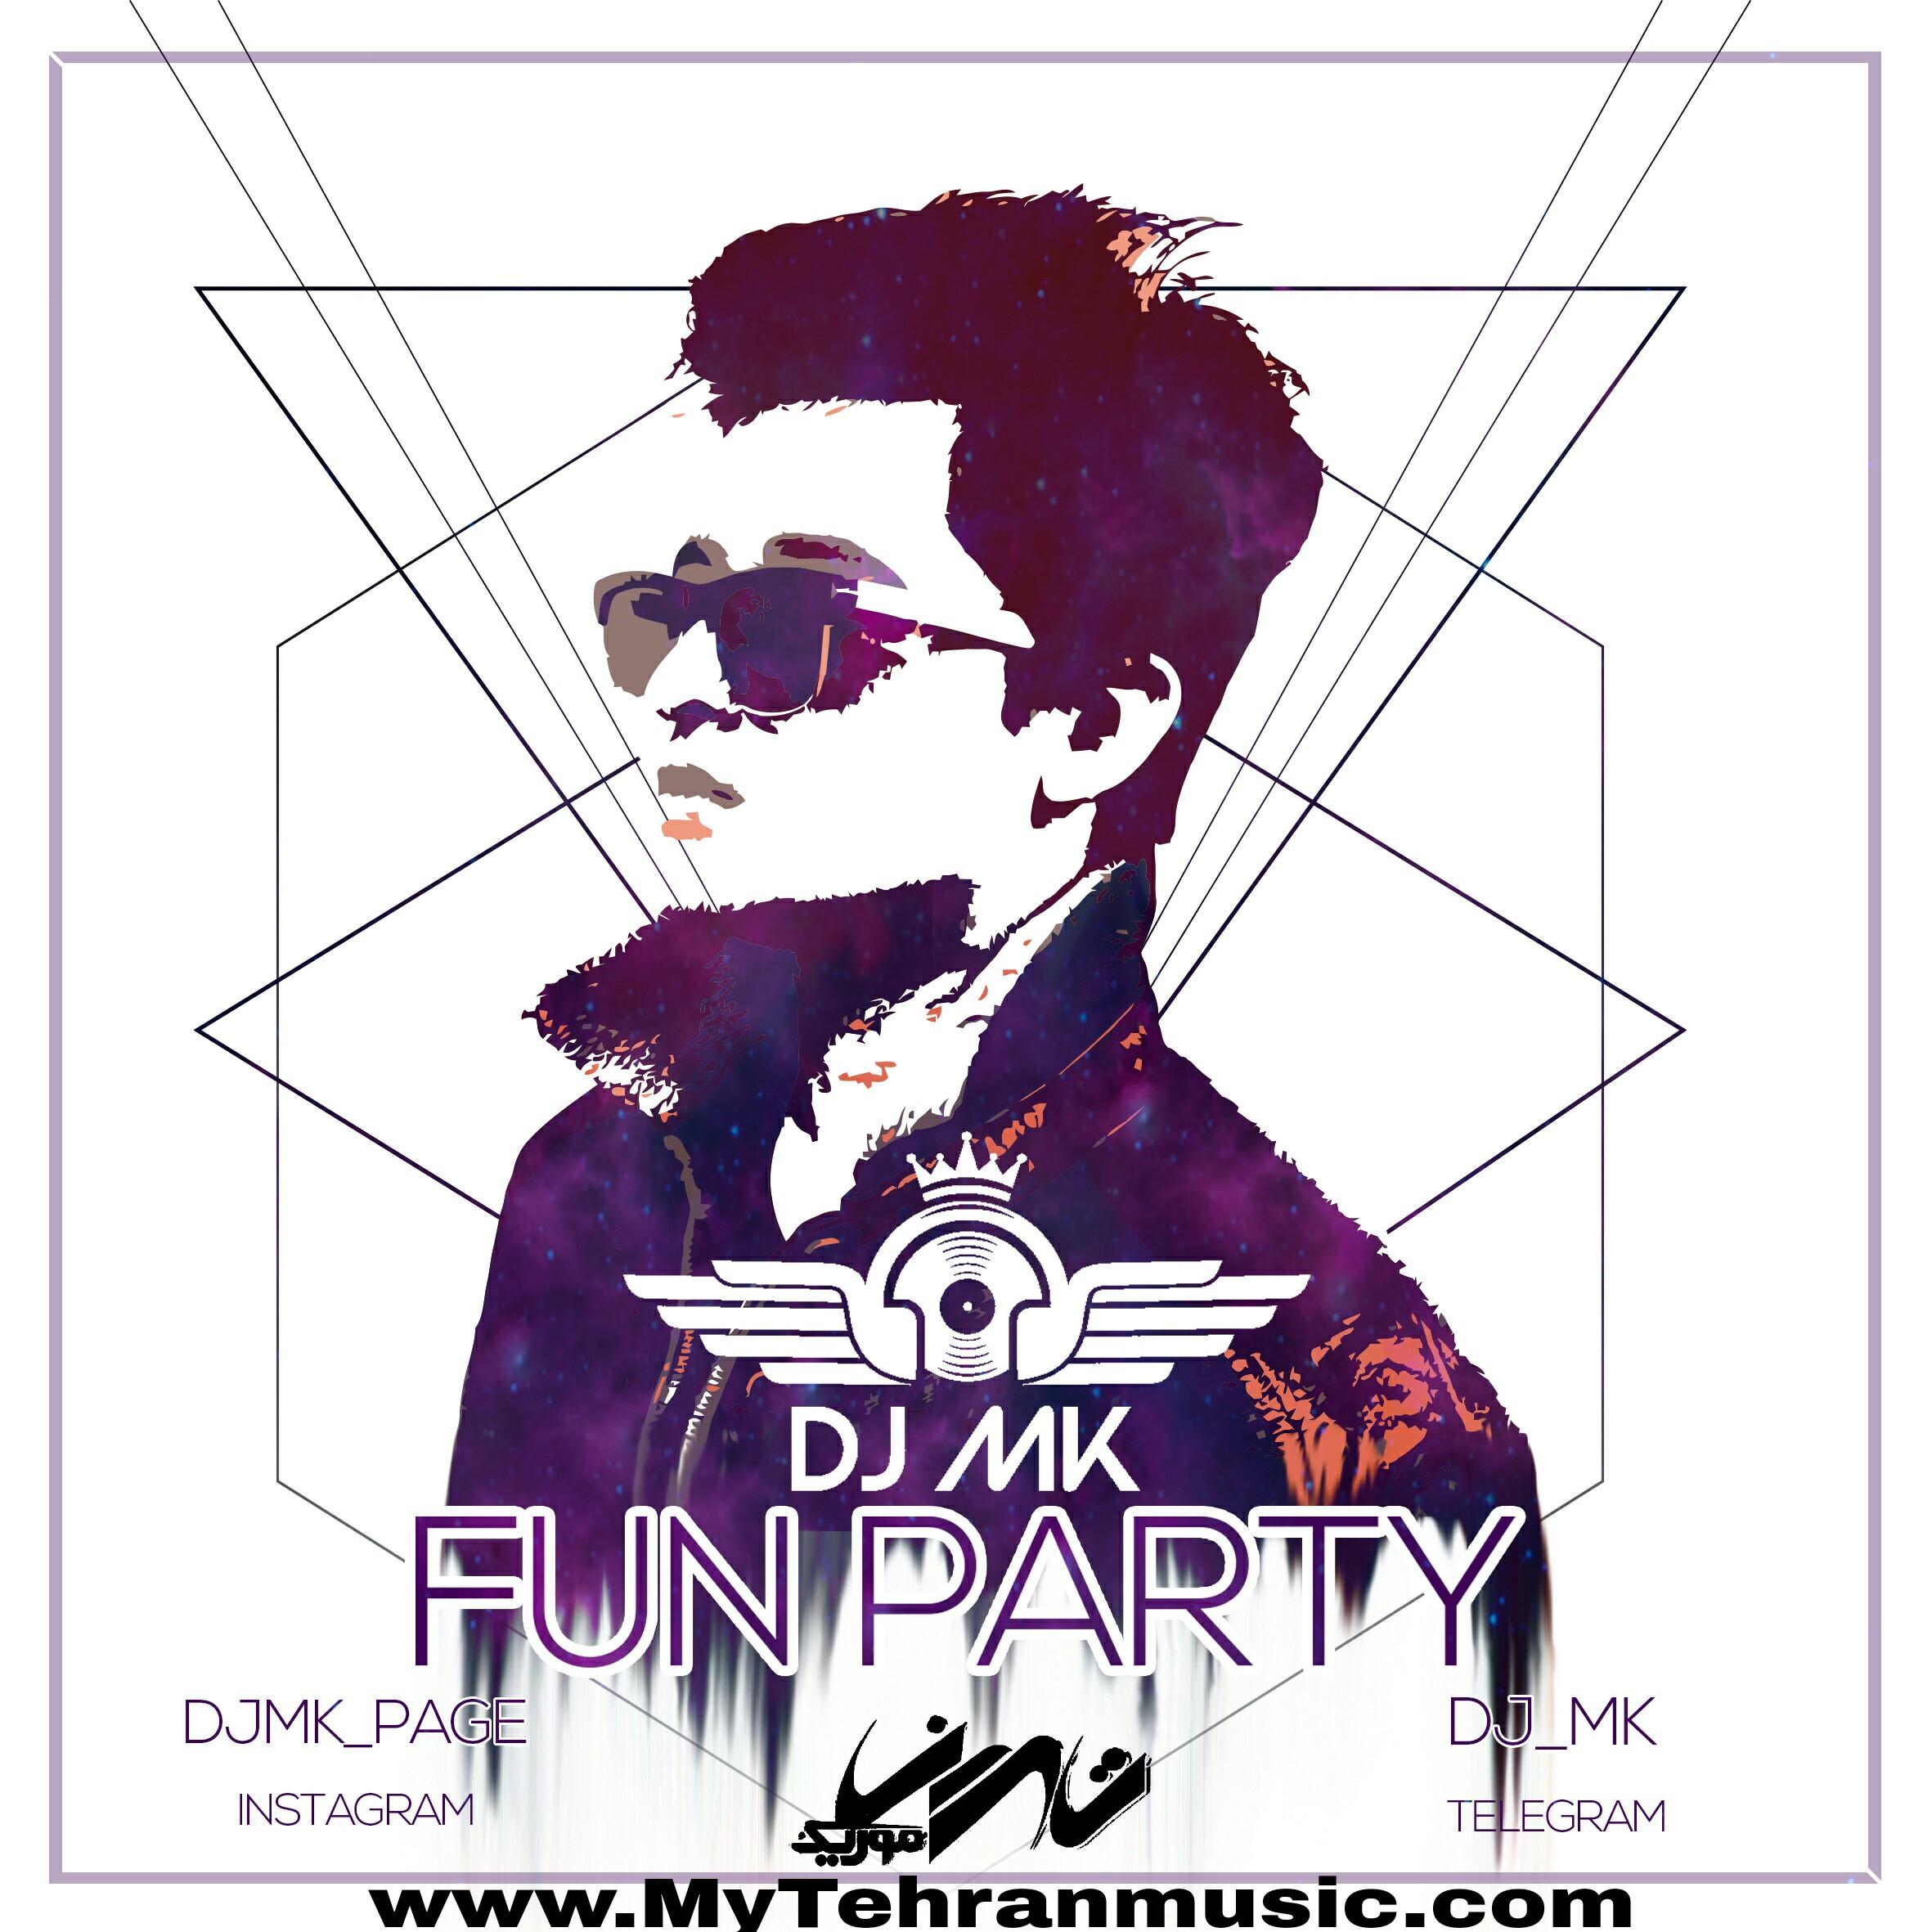 دانلود میکس جدید Dj MK بنام Fun Party قسمت اول